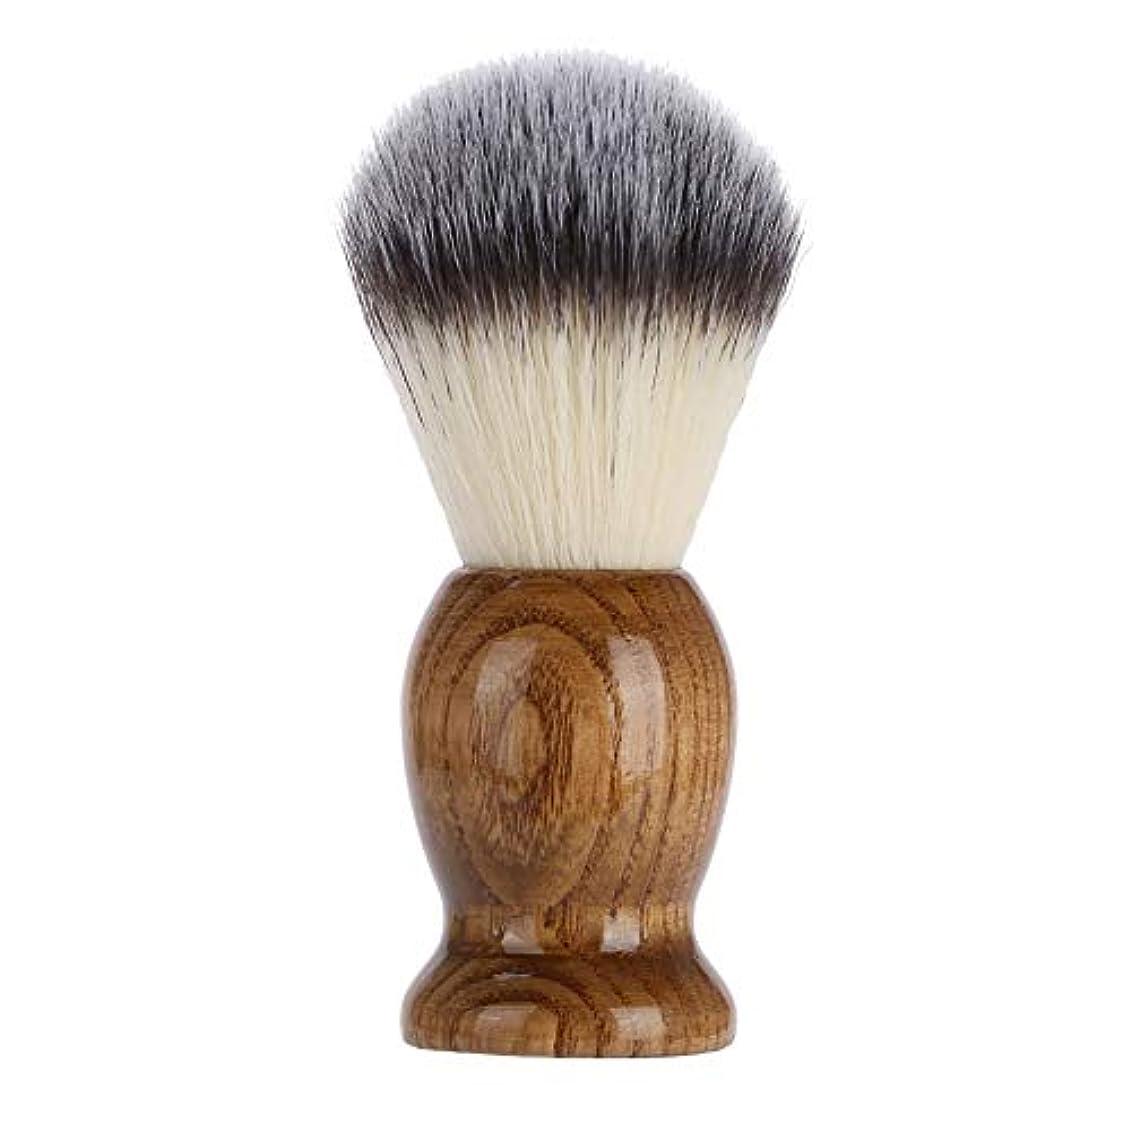 受粉するほんの傾向がありますZJchao プロフェッショナル 木製シェービングブラシ 2色 あご髭シェービングブラシ 軽量 ポータブルサイズとハンドル付き サロンでの使用や旅行での使用に最適 ZJchao9m1n85gxus-02